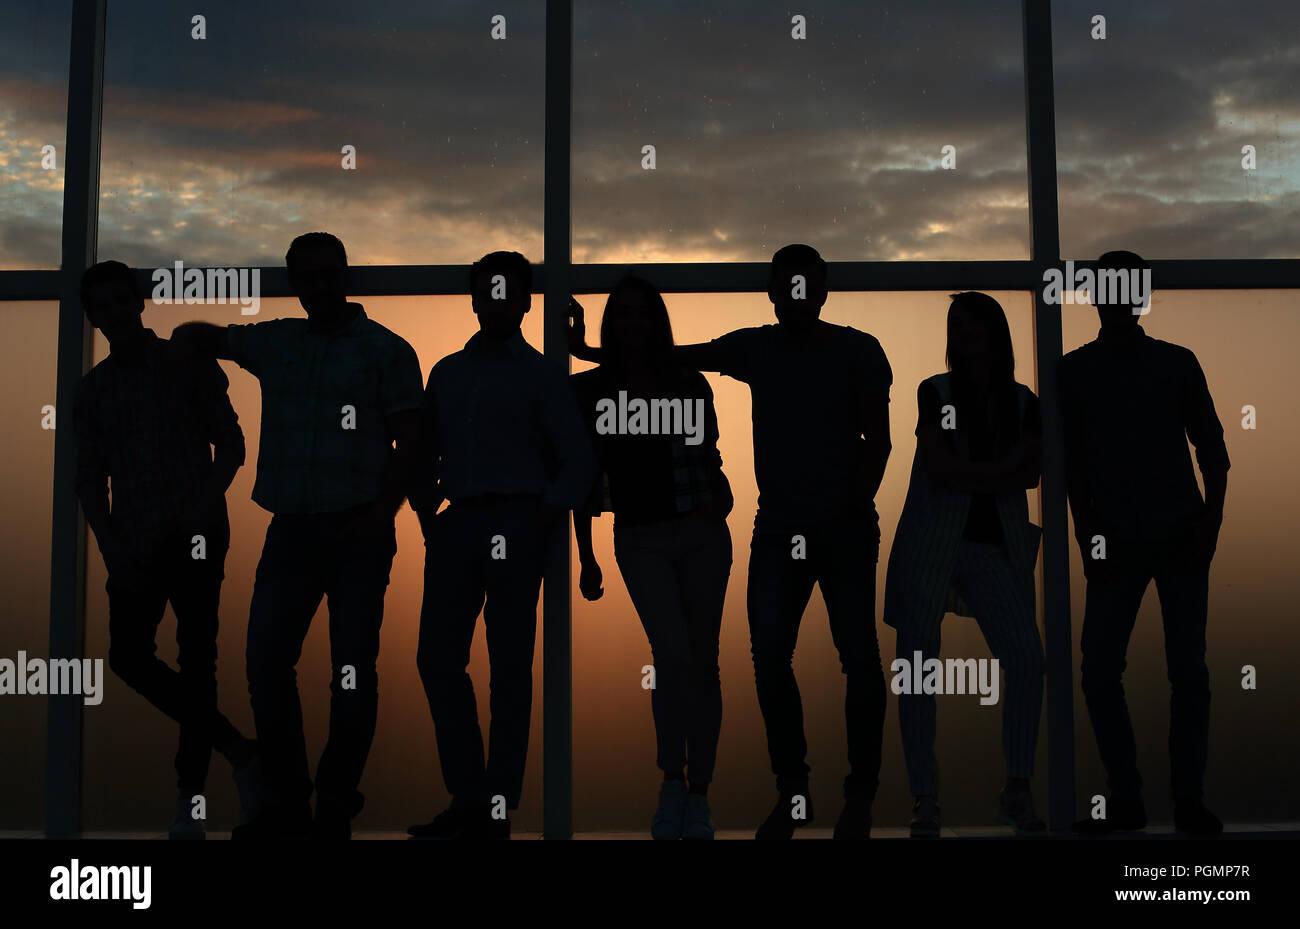 Business Team steht in der Nähe der Fenster, Abend, dunkel Stockfoto